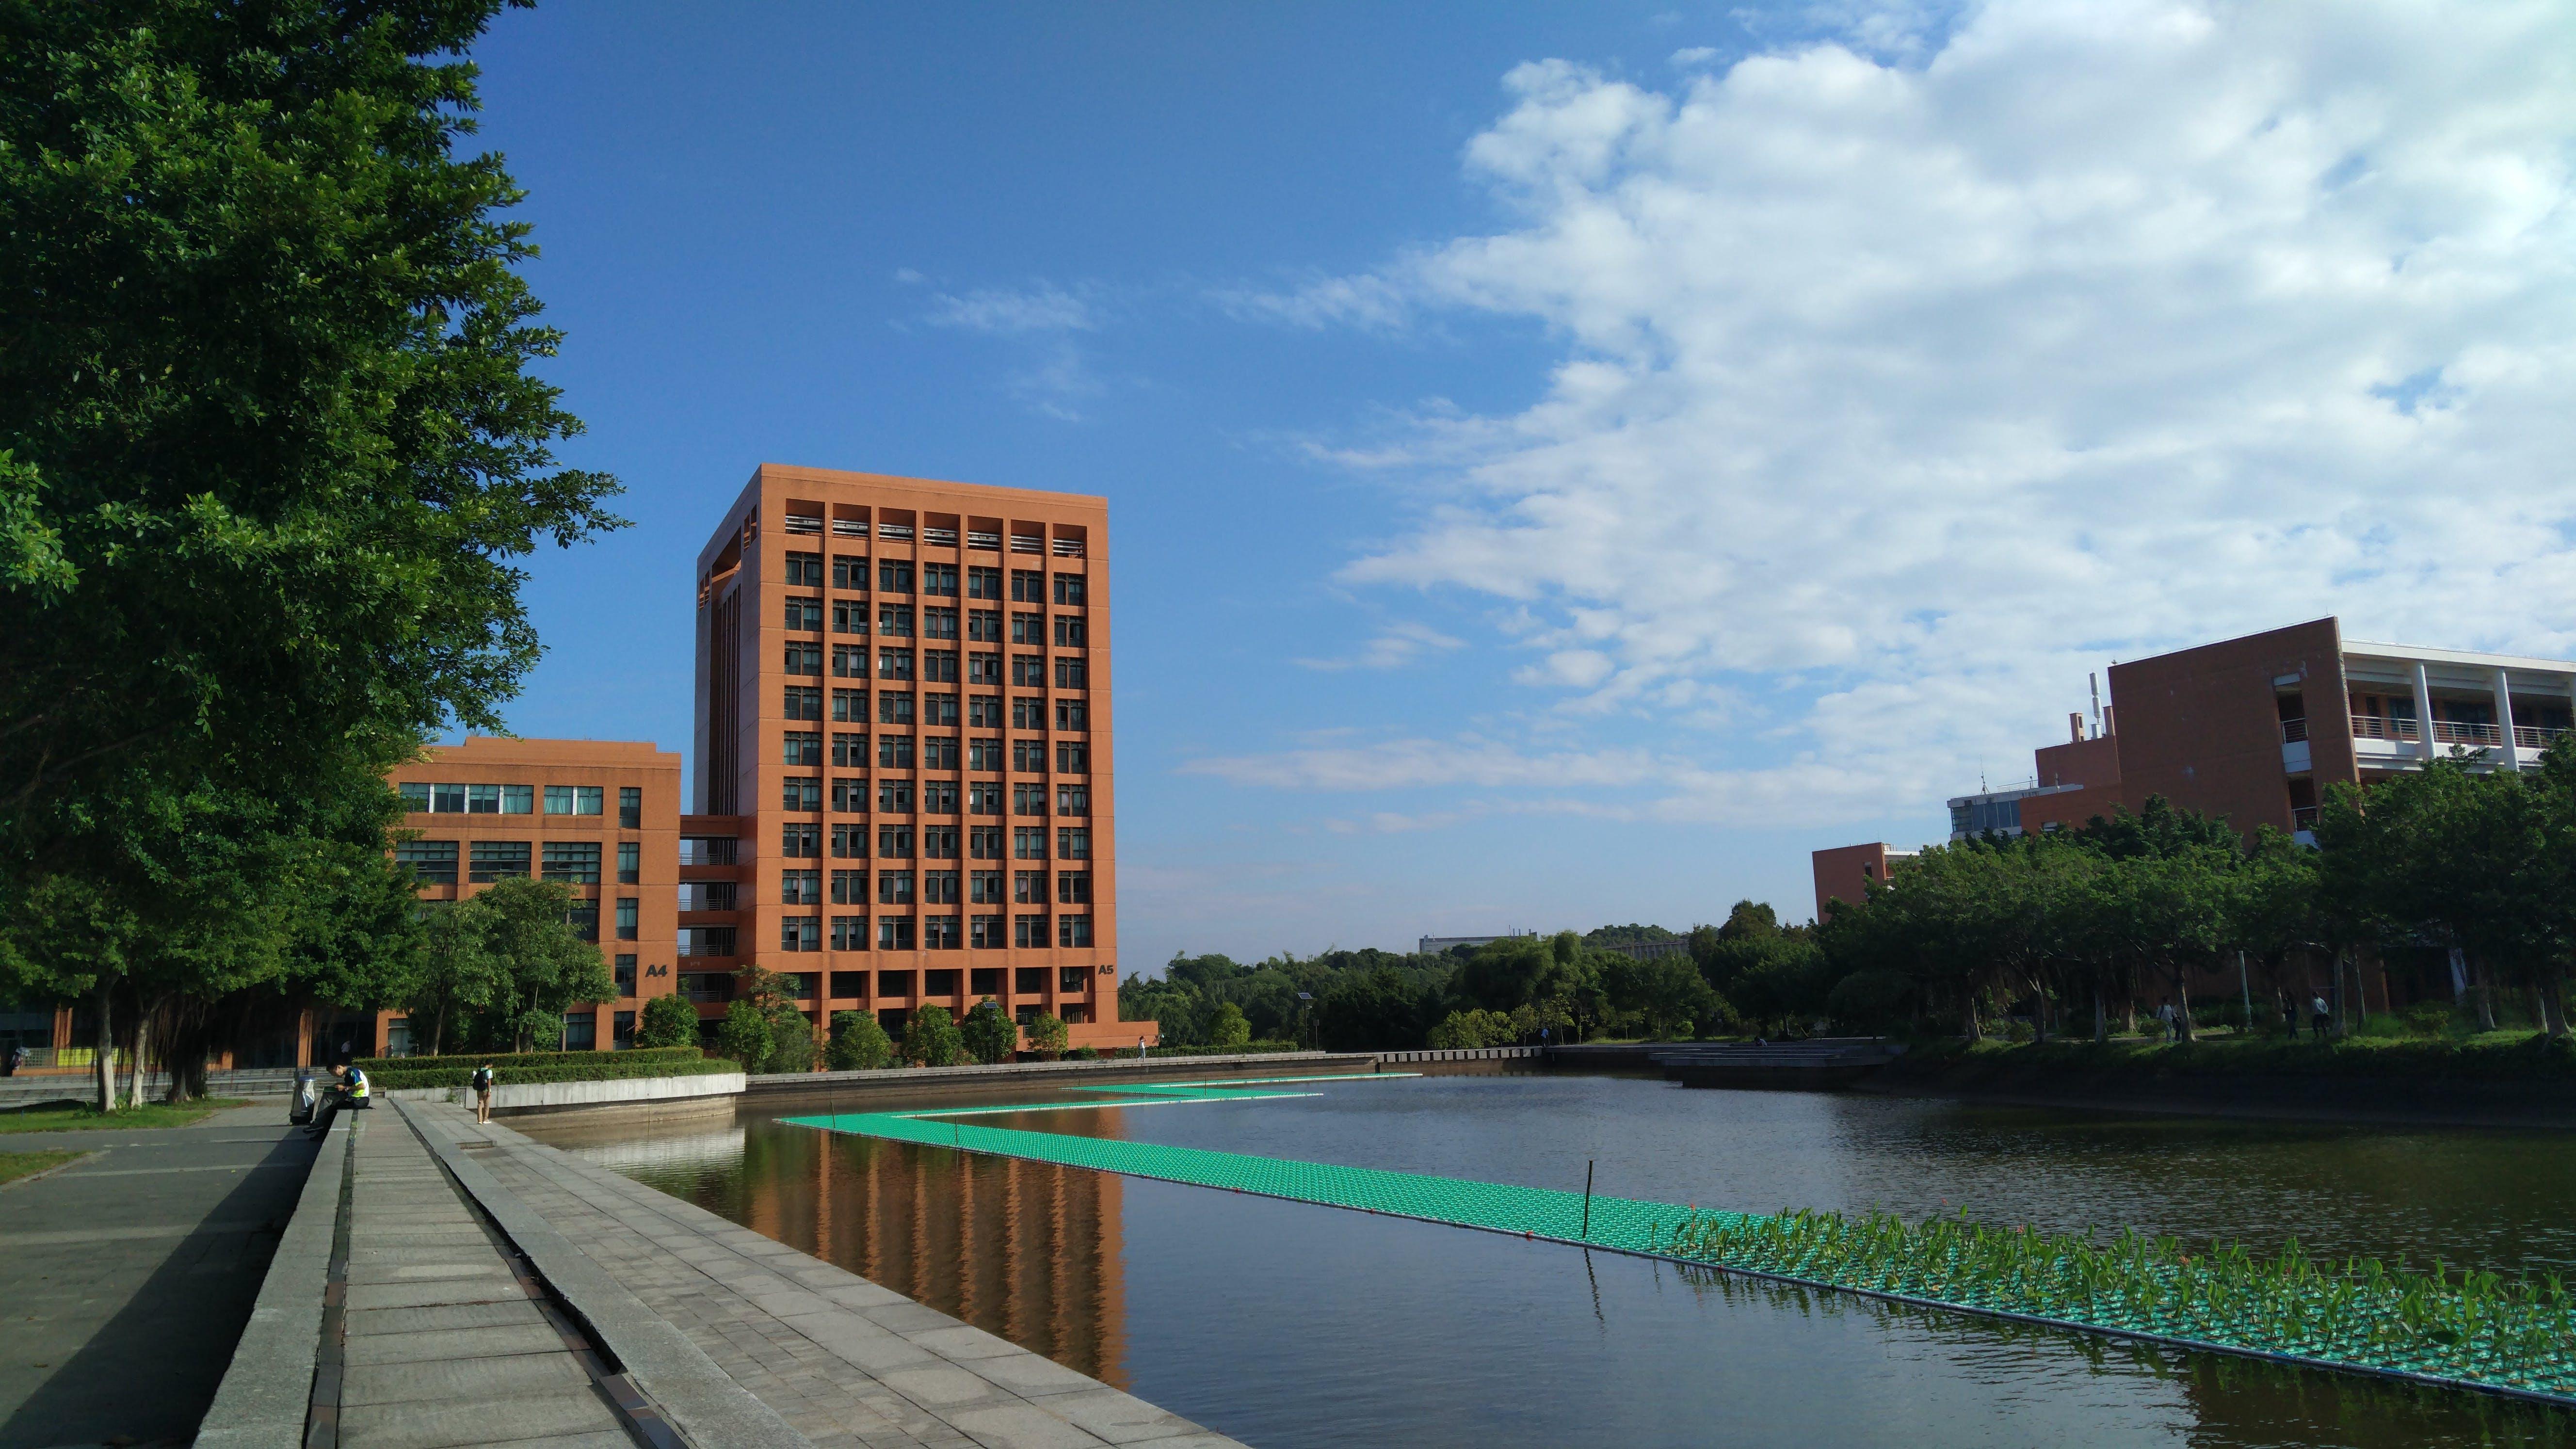 Immagine gratuita di acqua, architettura, edificio, laghetto